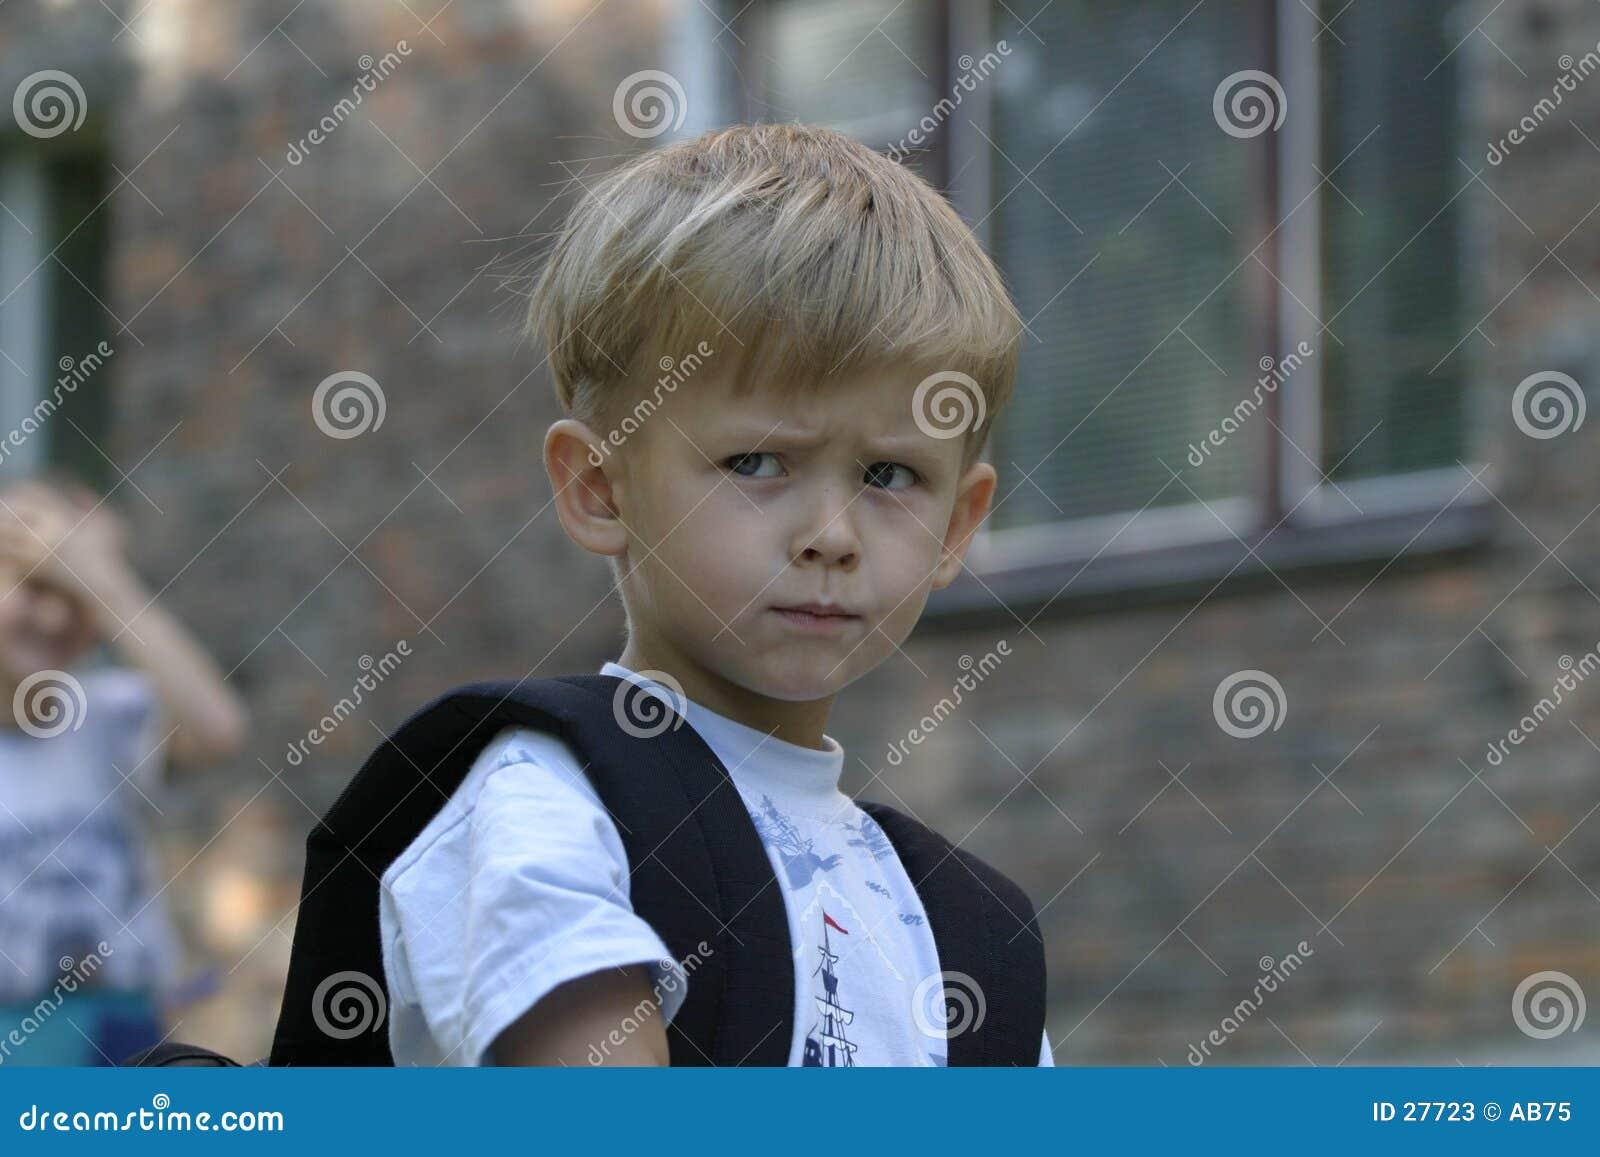 An upset Boy